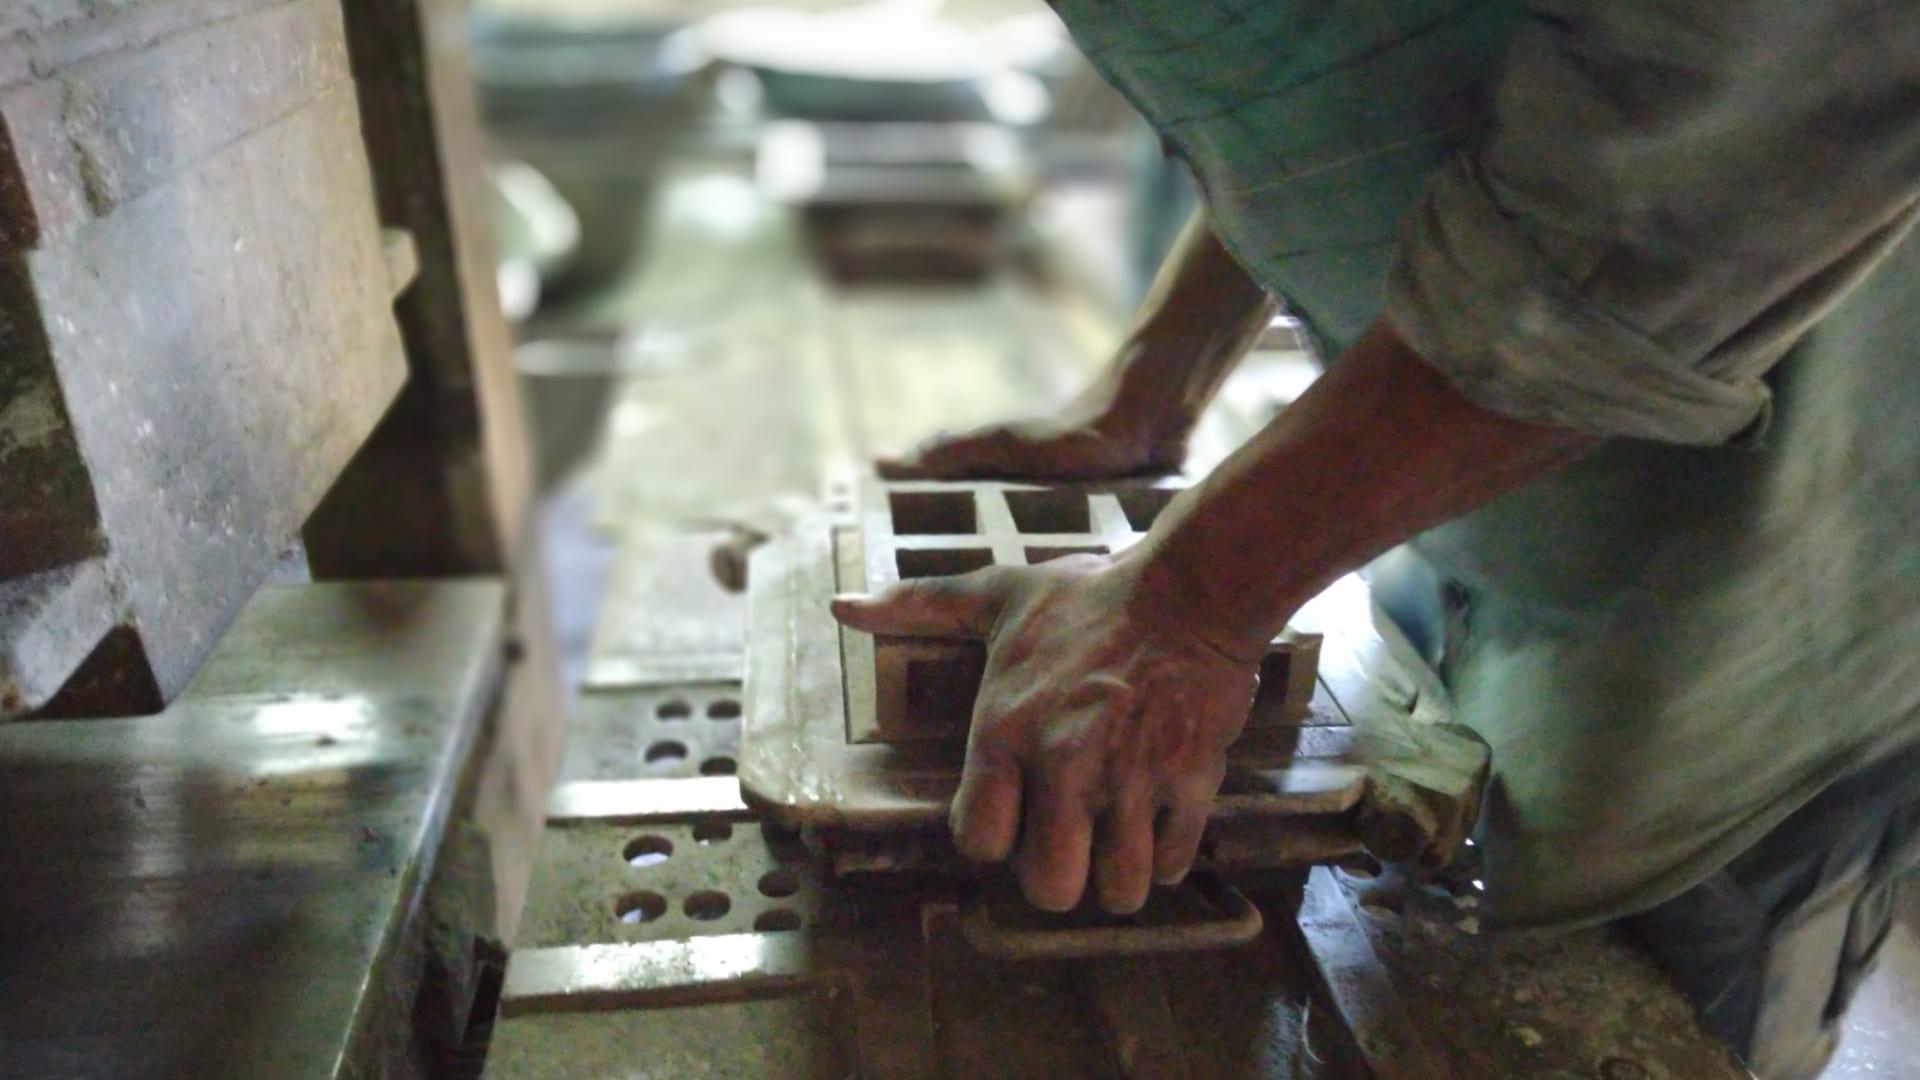 شركة هندية تحول الهواء الملوث إلى بلاط بناء أنيق..كيف؟